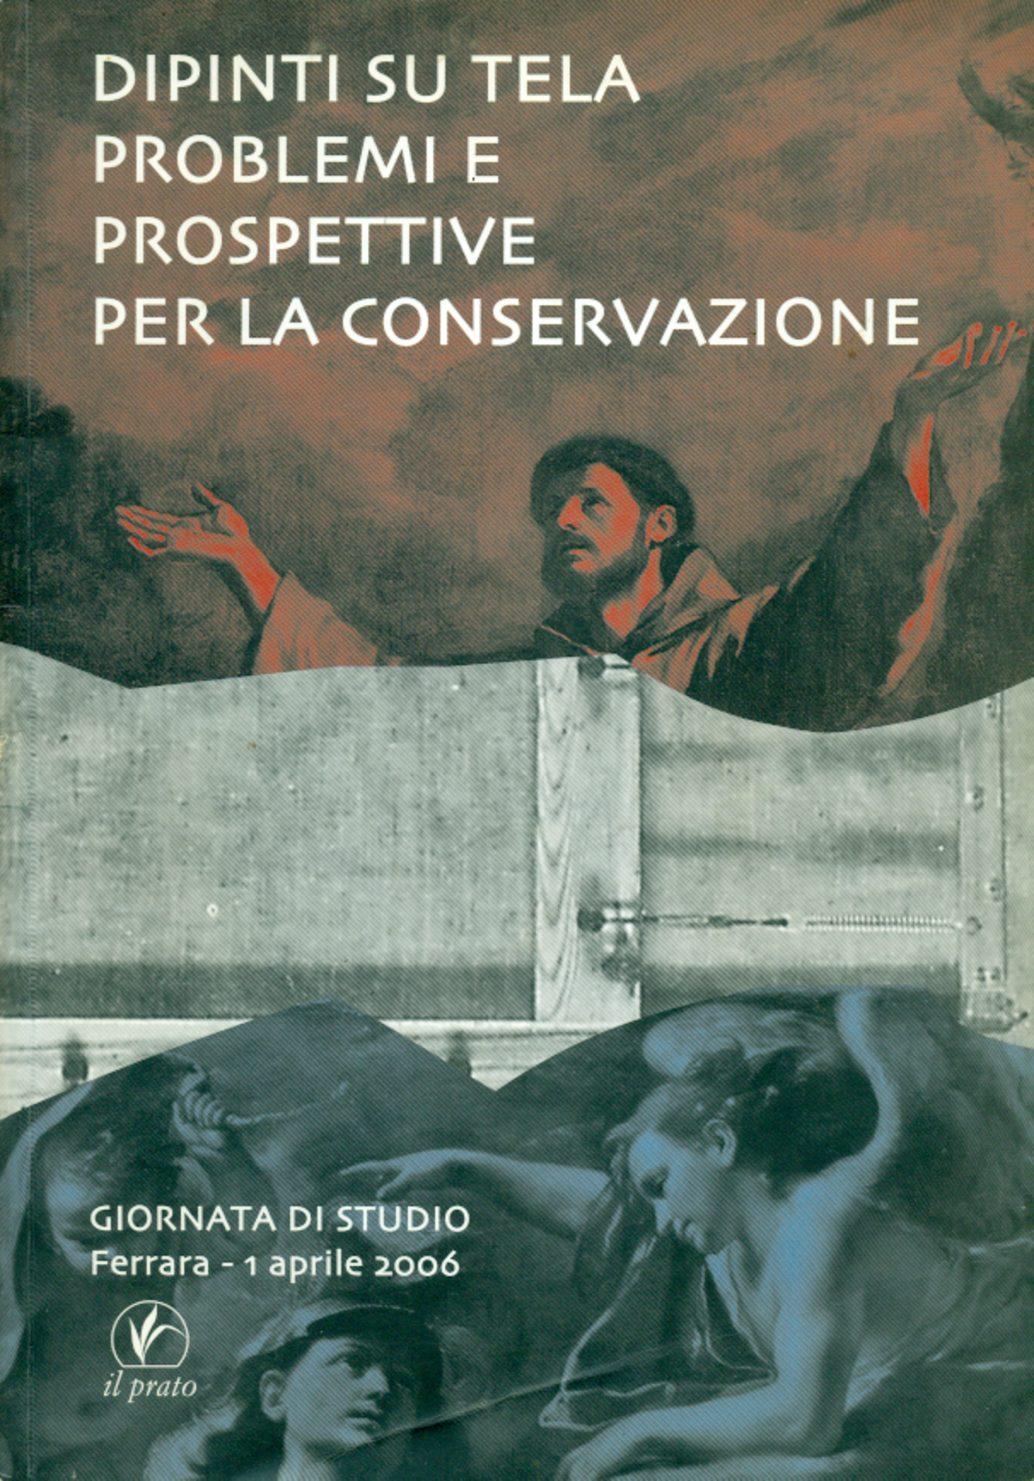 http://cbccoop.it/app/uploads/2017/06/COP-Dipinti-su-tela-Ferrara-pdf.jpg